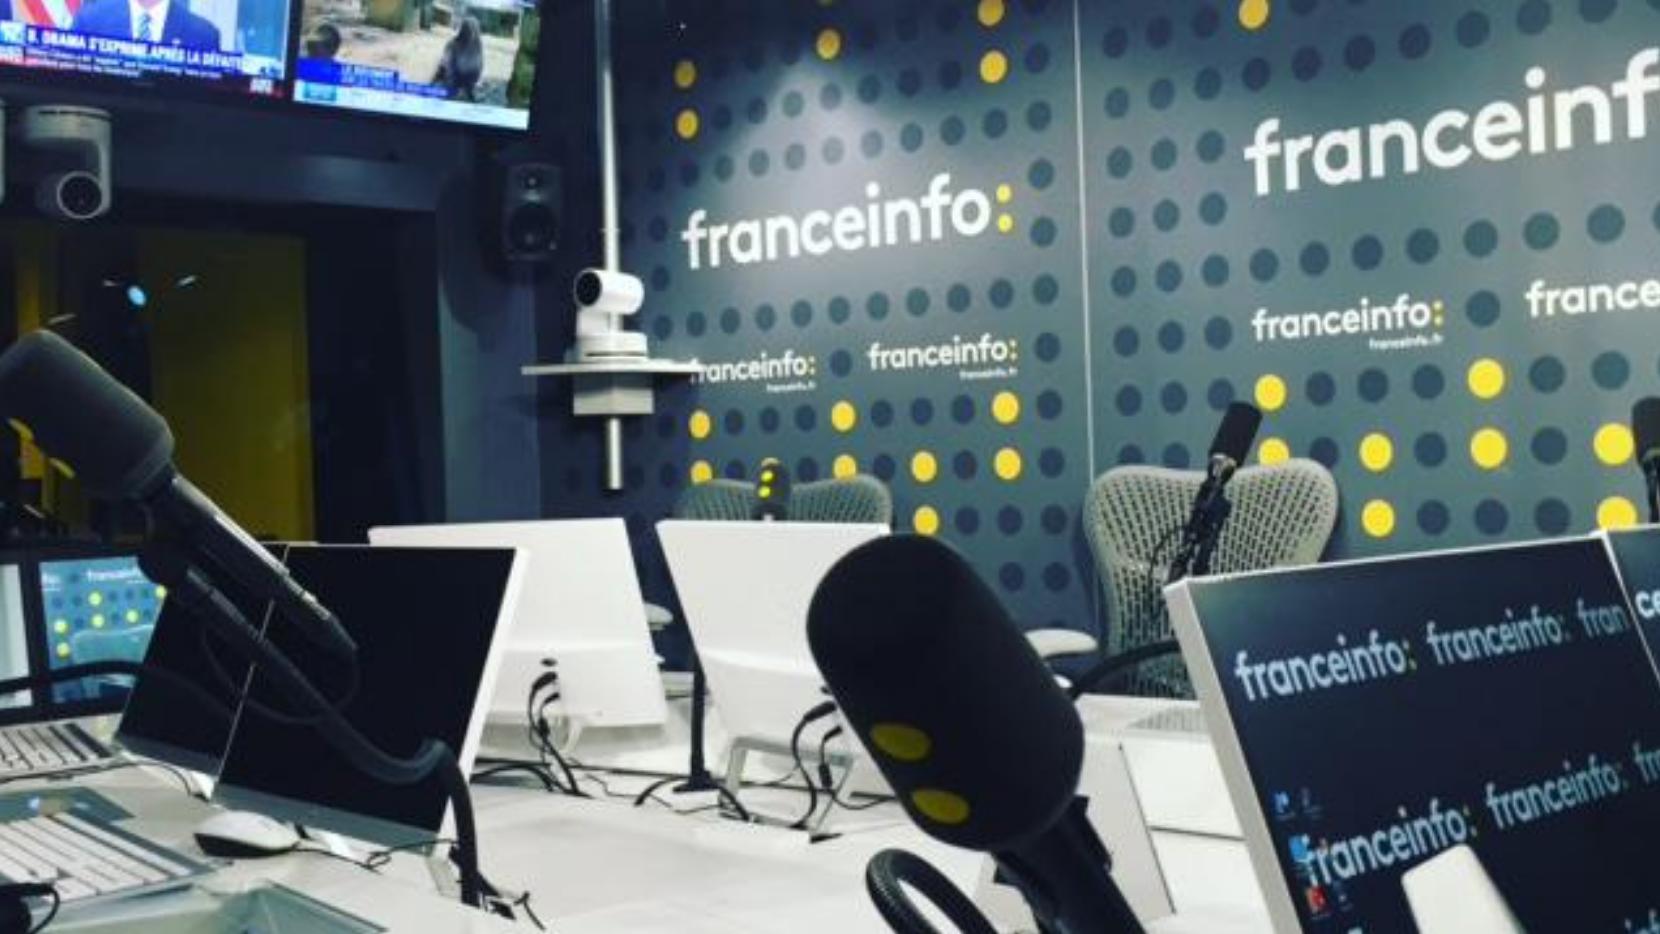 50 ans après mai 68, franceinfo se mobilise